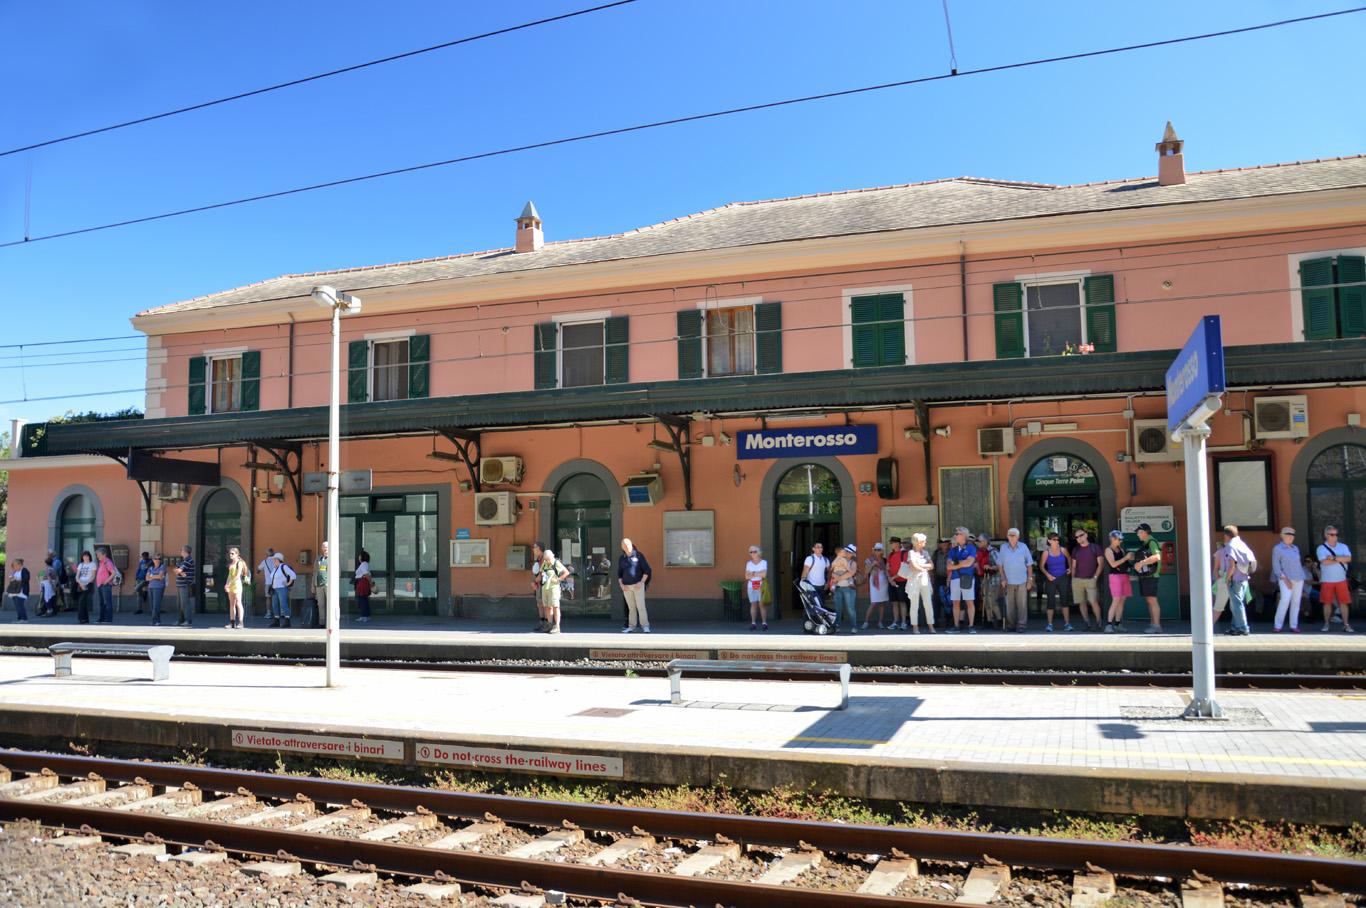 Train station in Monterosso